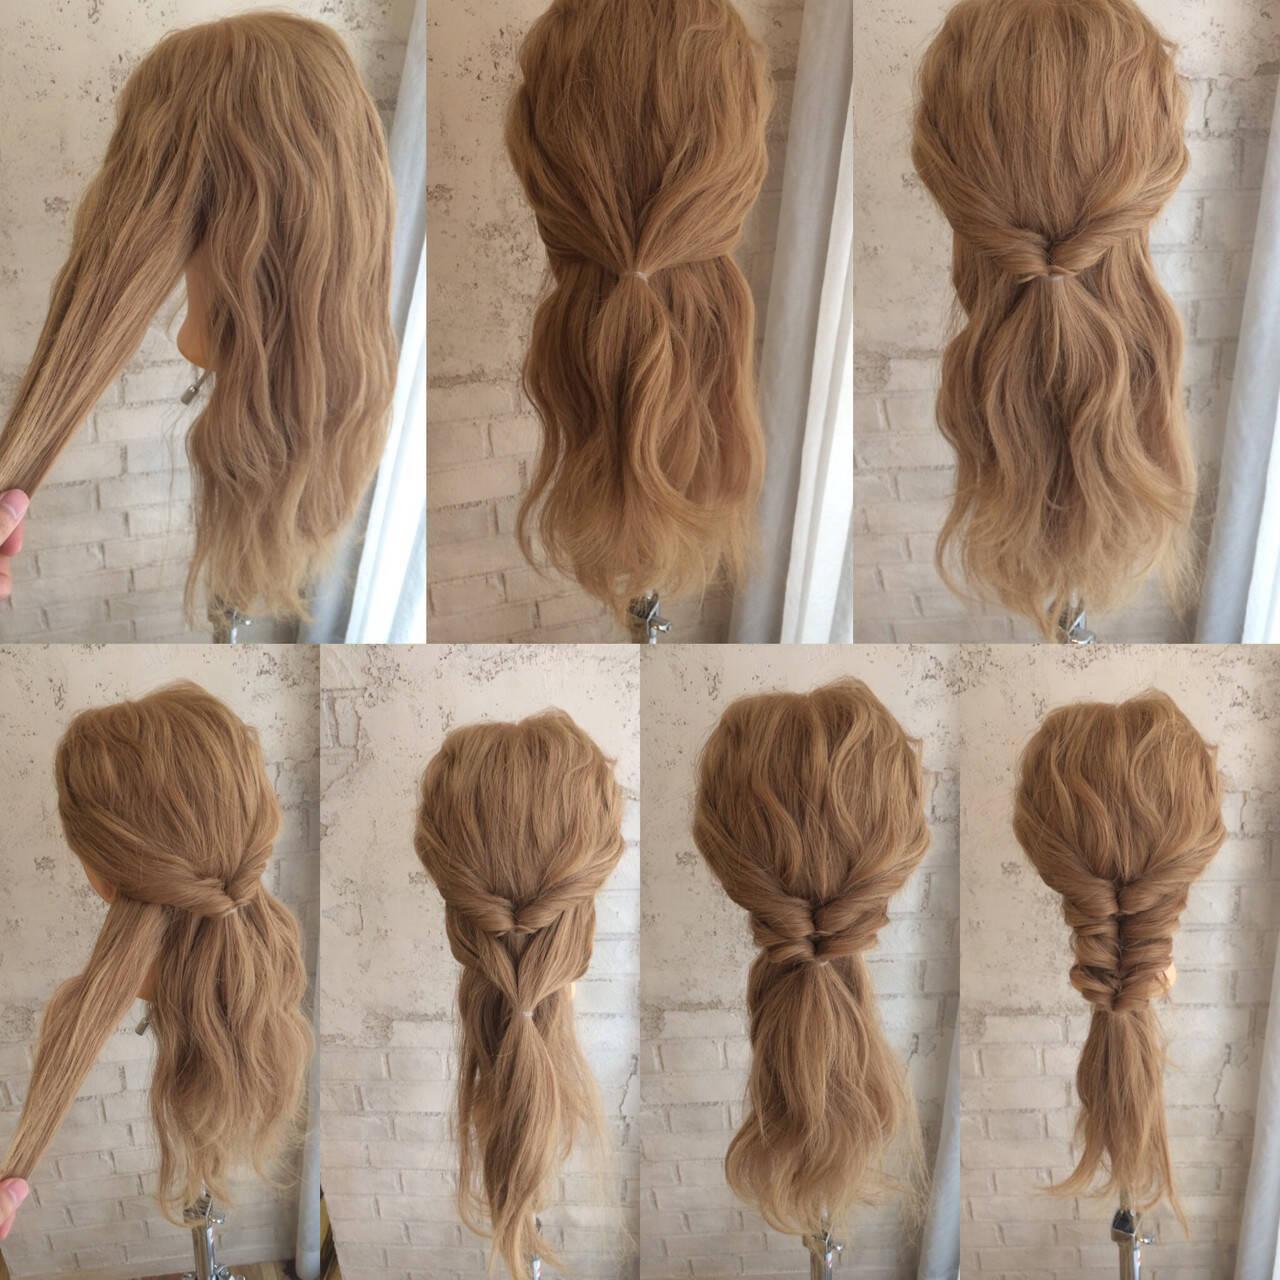 ショート ロング ハーフアップ ハイライトヘアスタイルや髪型の写真・画像